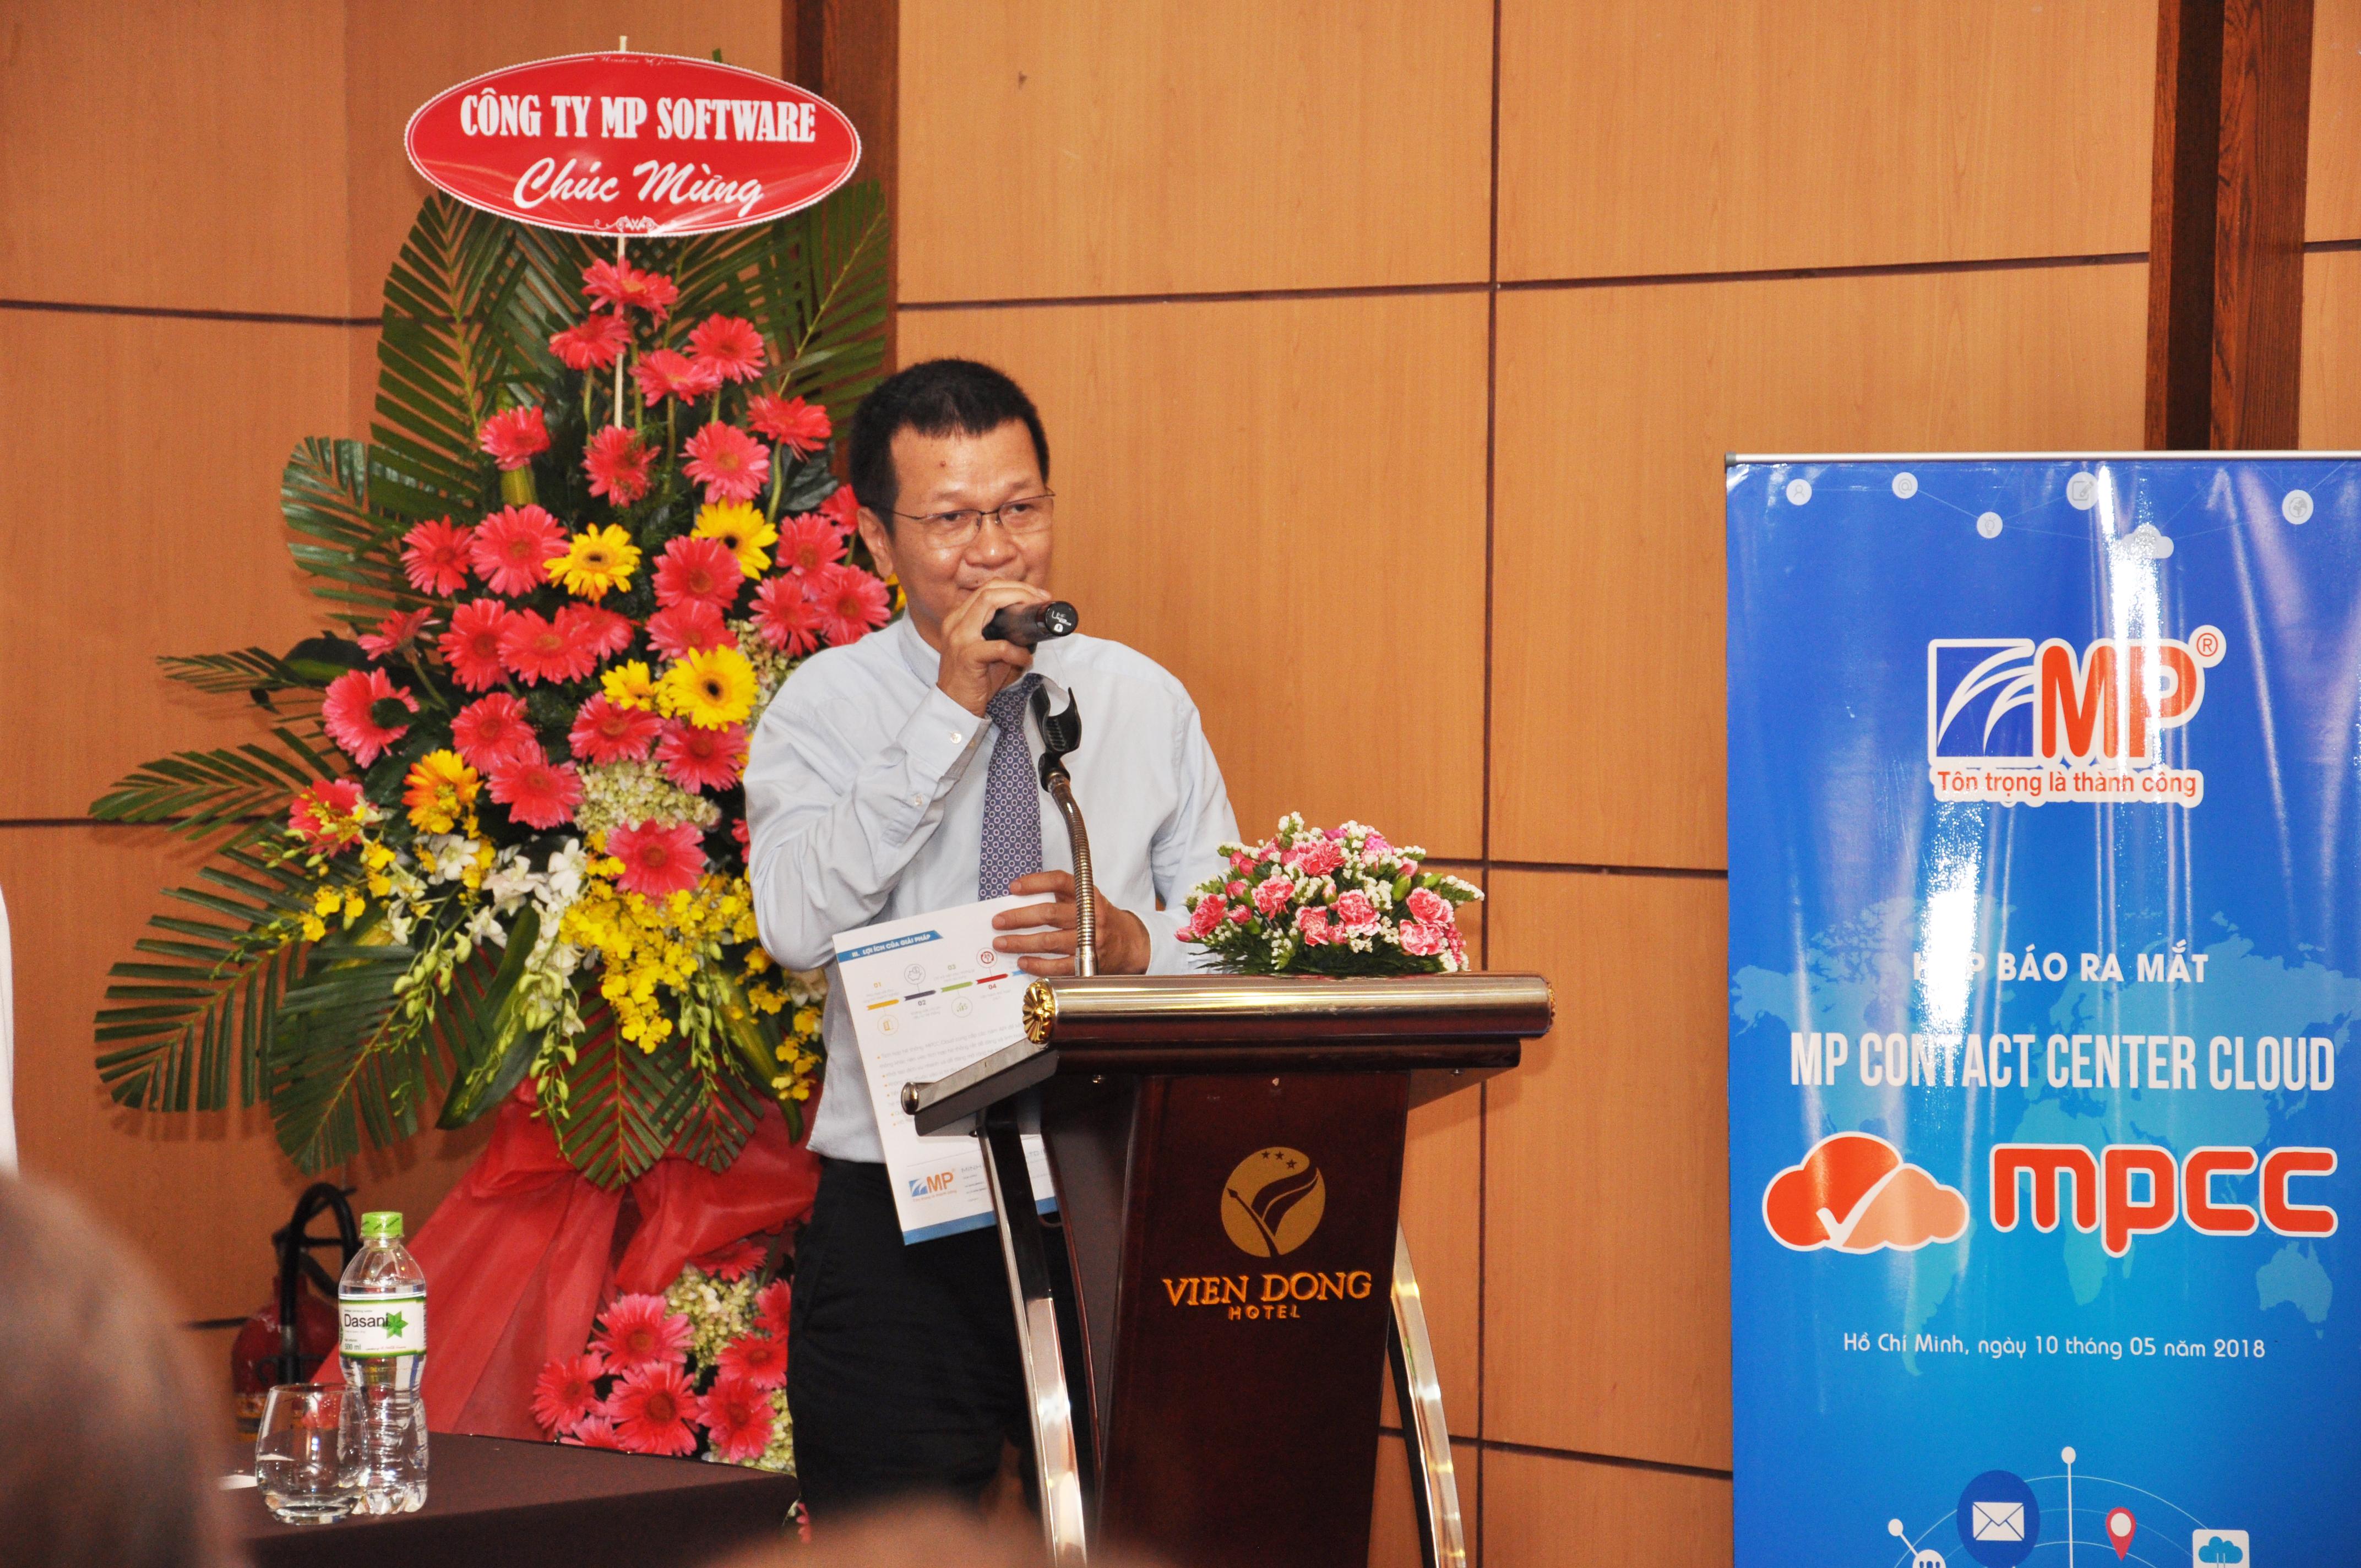 Ông Nguyễn Việt Trung – Tổng Giám Đốc Công ty Minh Phúc.